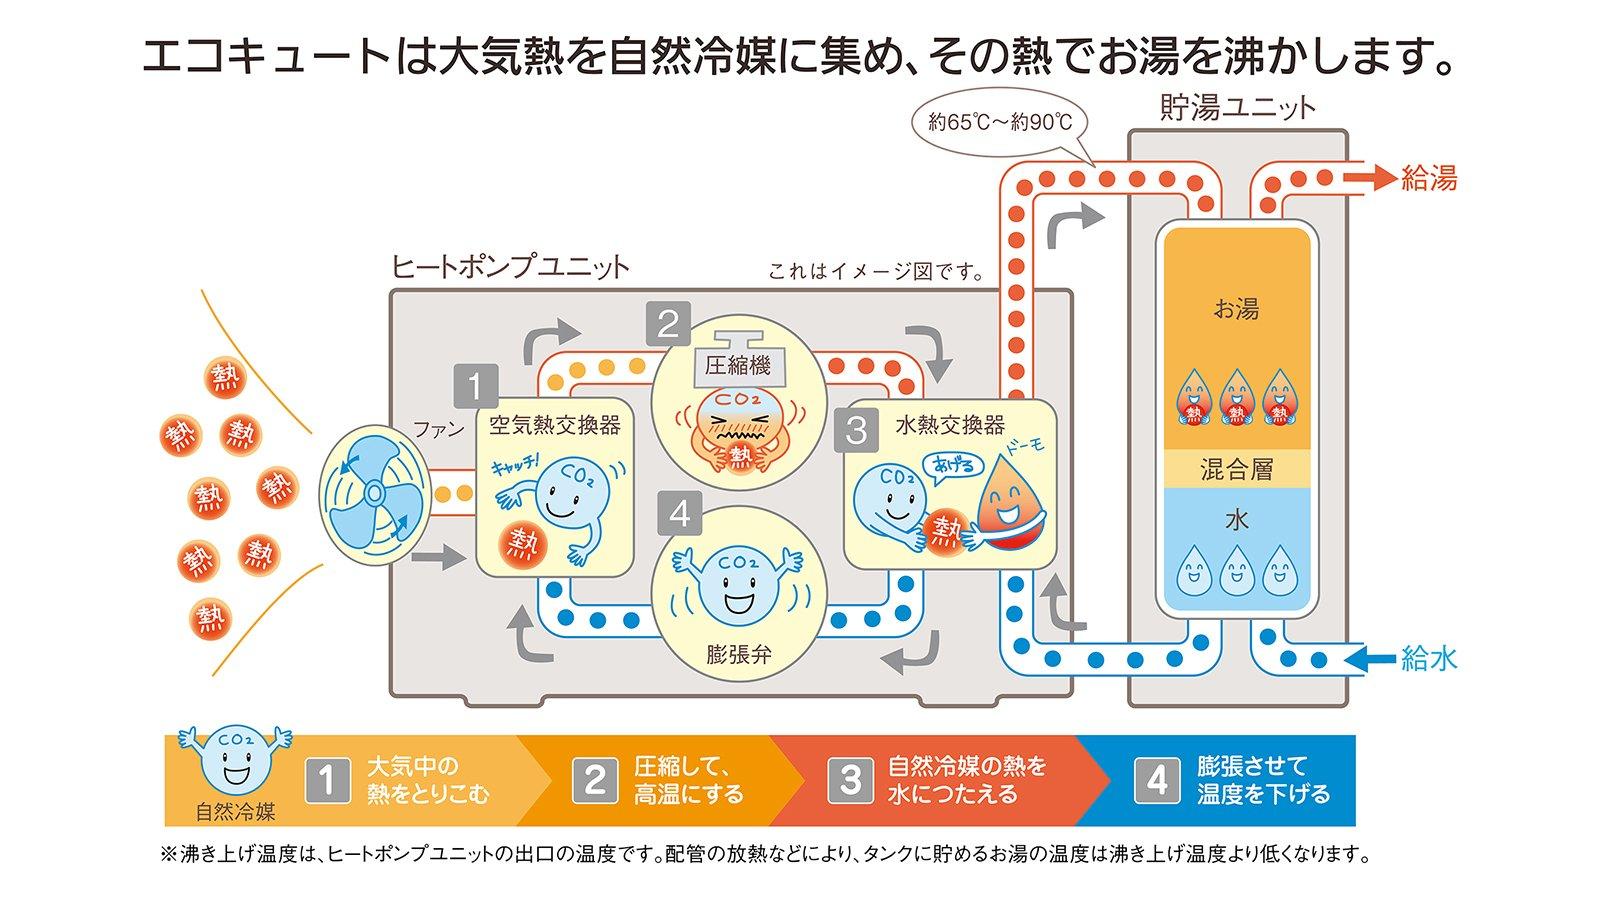 イラスト:エコキュートが大気熱を自然冷媒に集め、その熱でお湯を沸かす仕組み